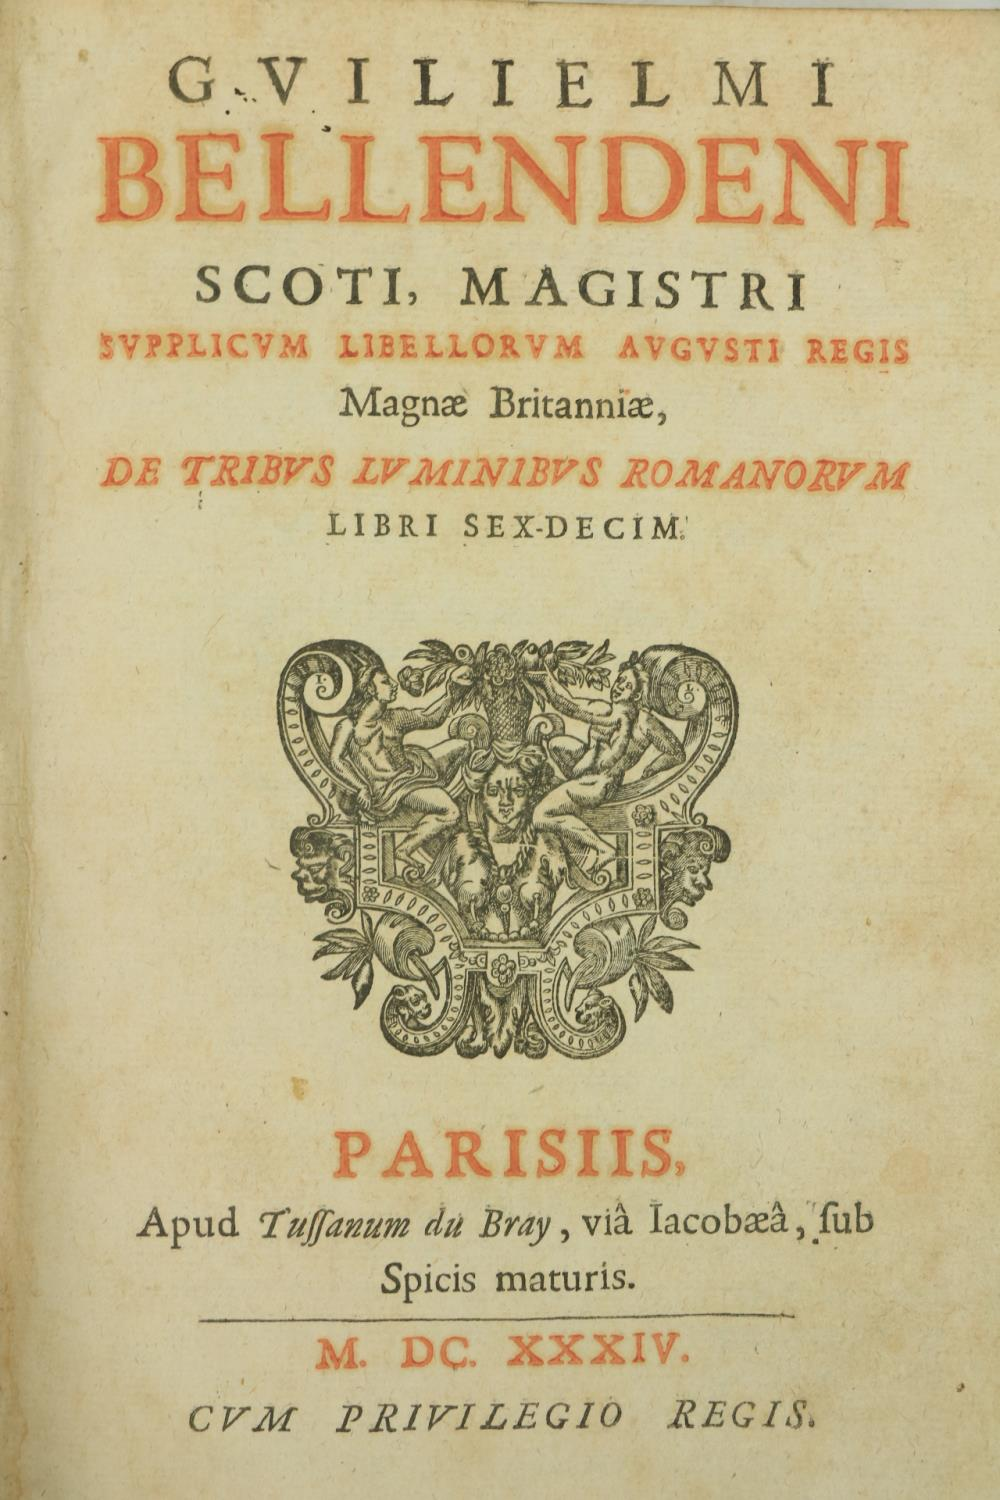 Bellenden (Wm.) Scoti -De Tribus Luminibus Romanorum Libri Sex-Decim, Folio Paris (T. du Bray)